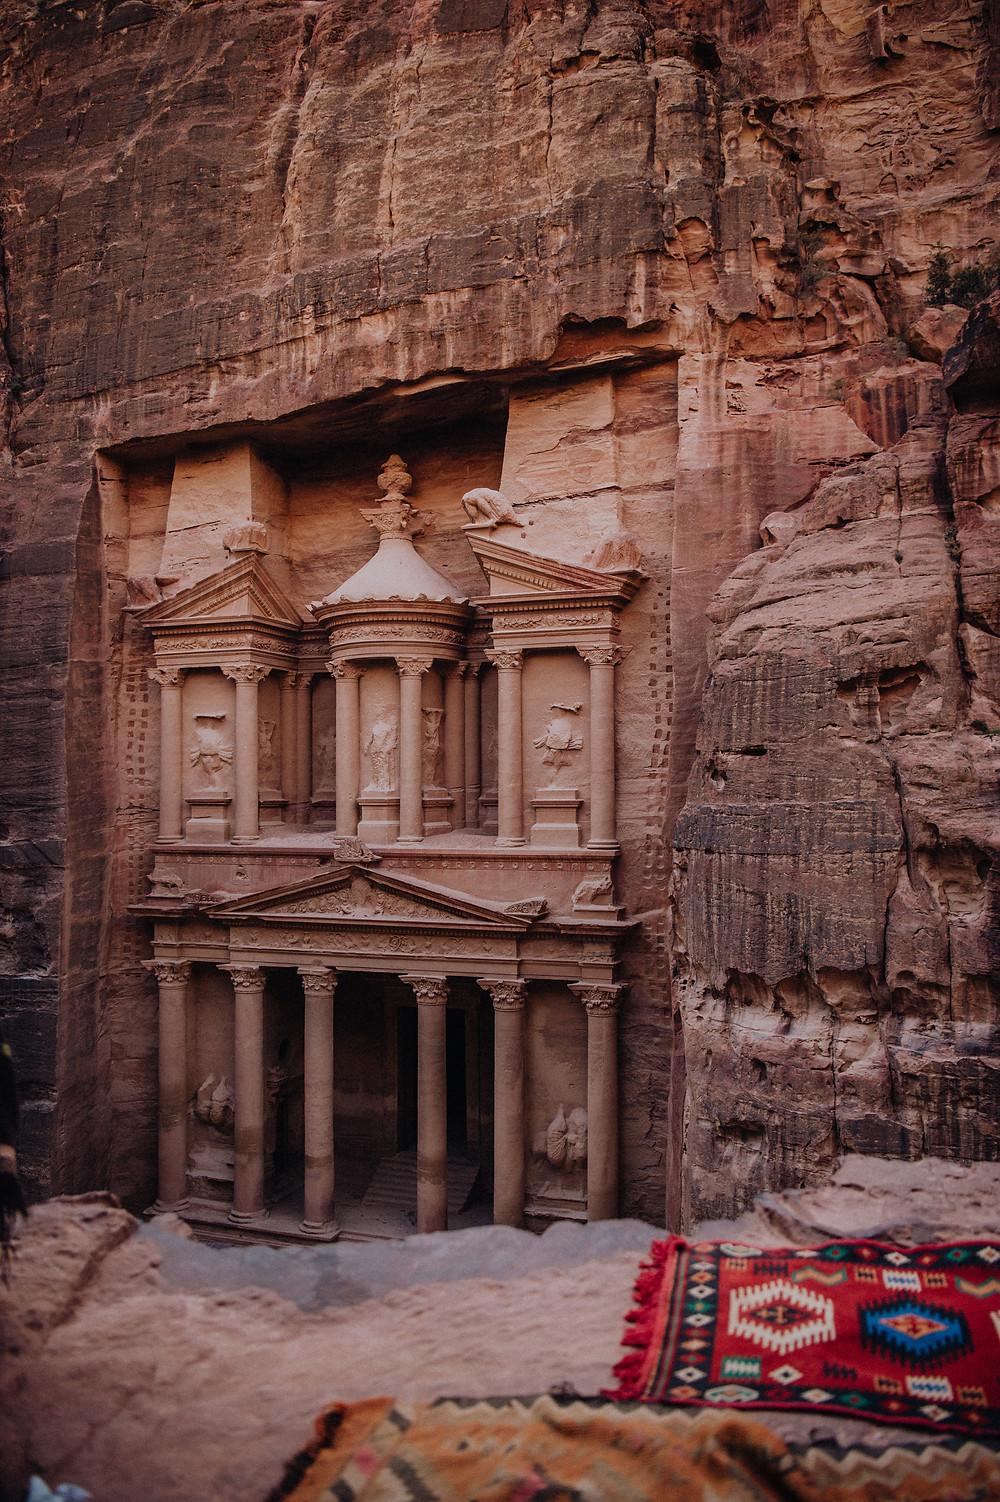 Petra-Jordanië-wat-moet-je-weten